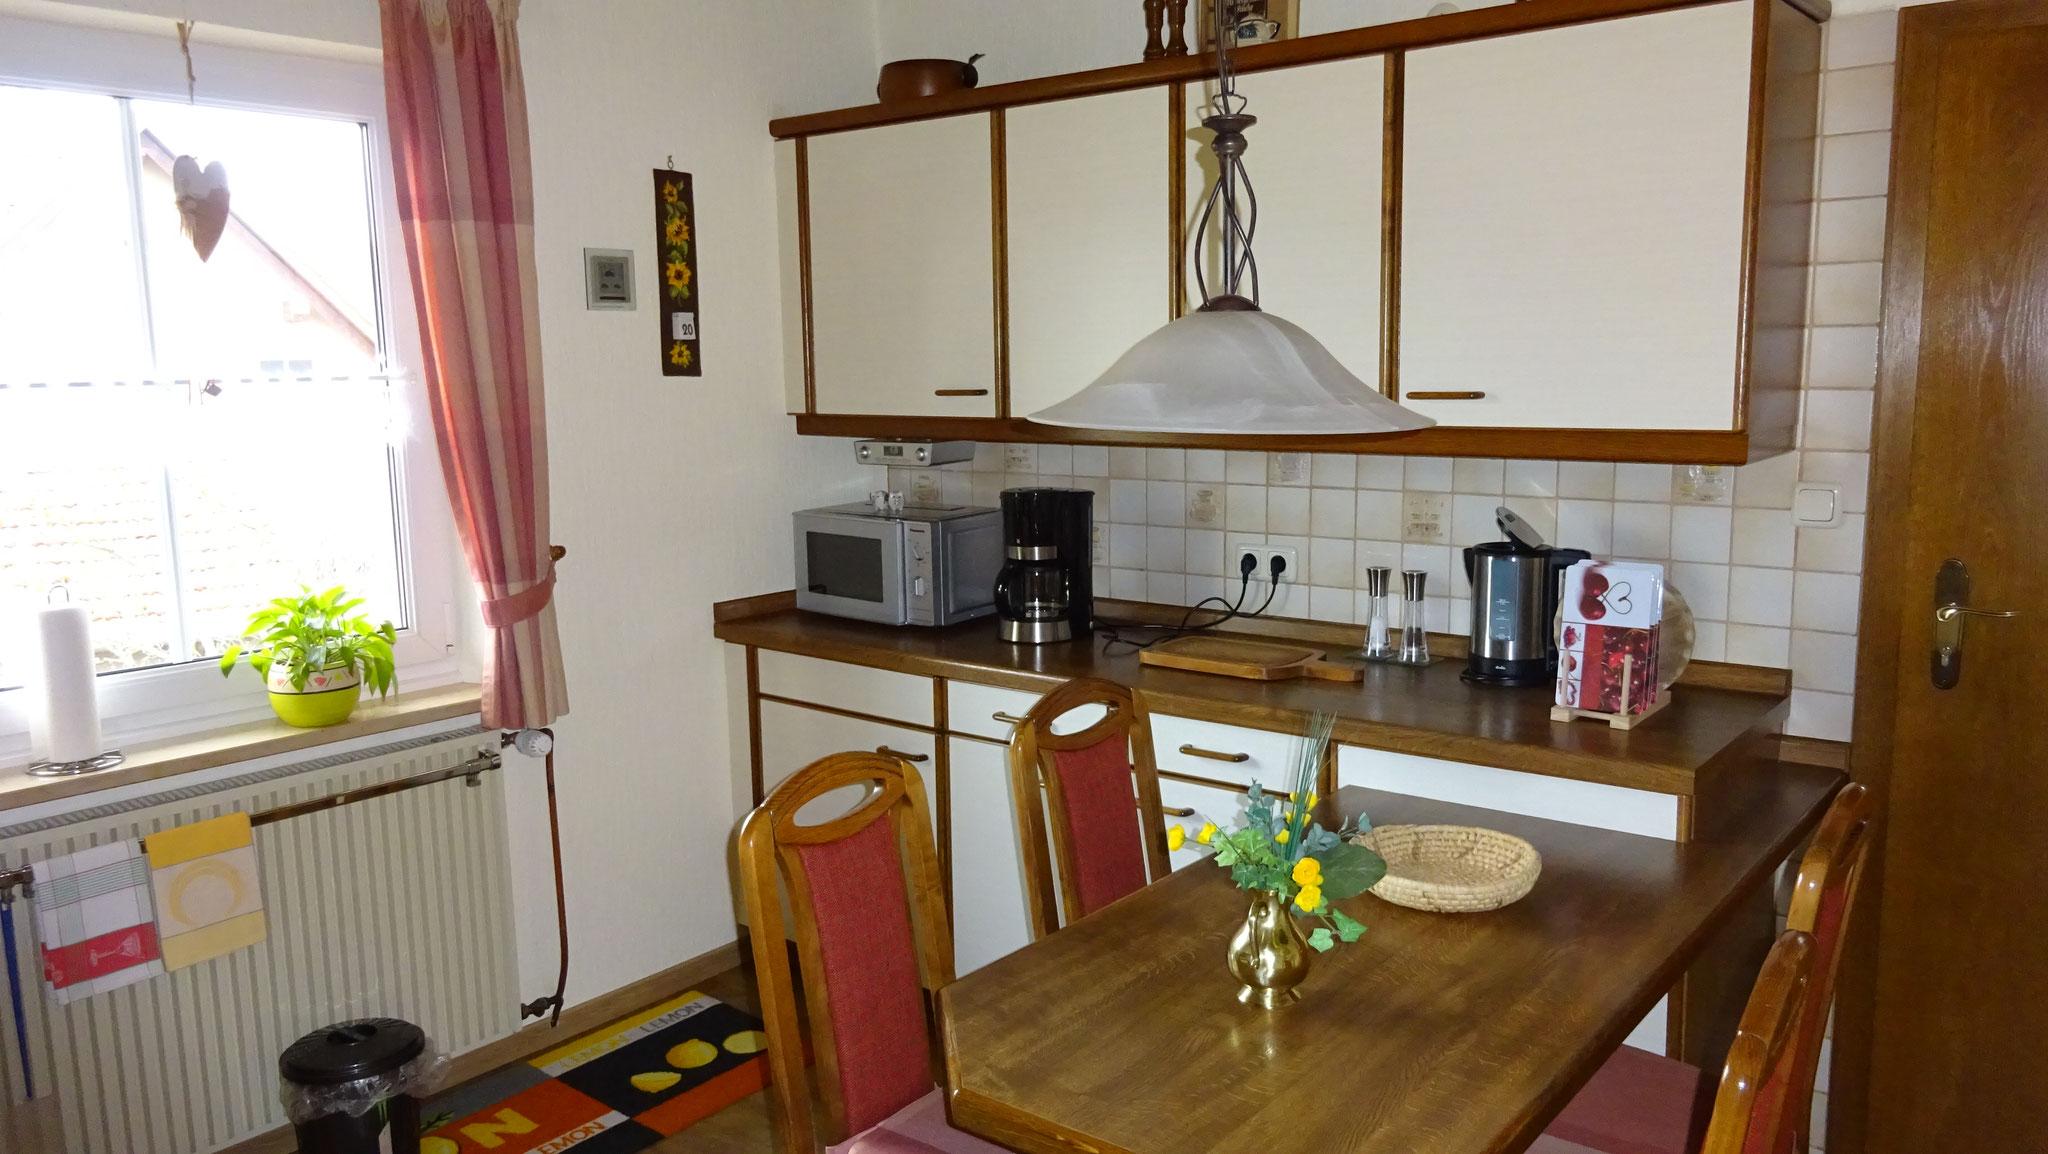 Küche mit allen Elektrogeräten